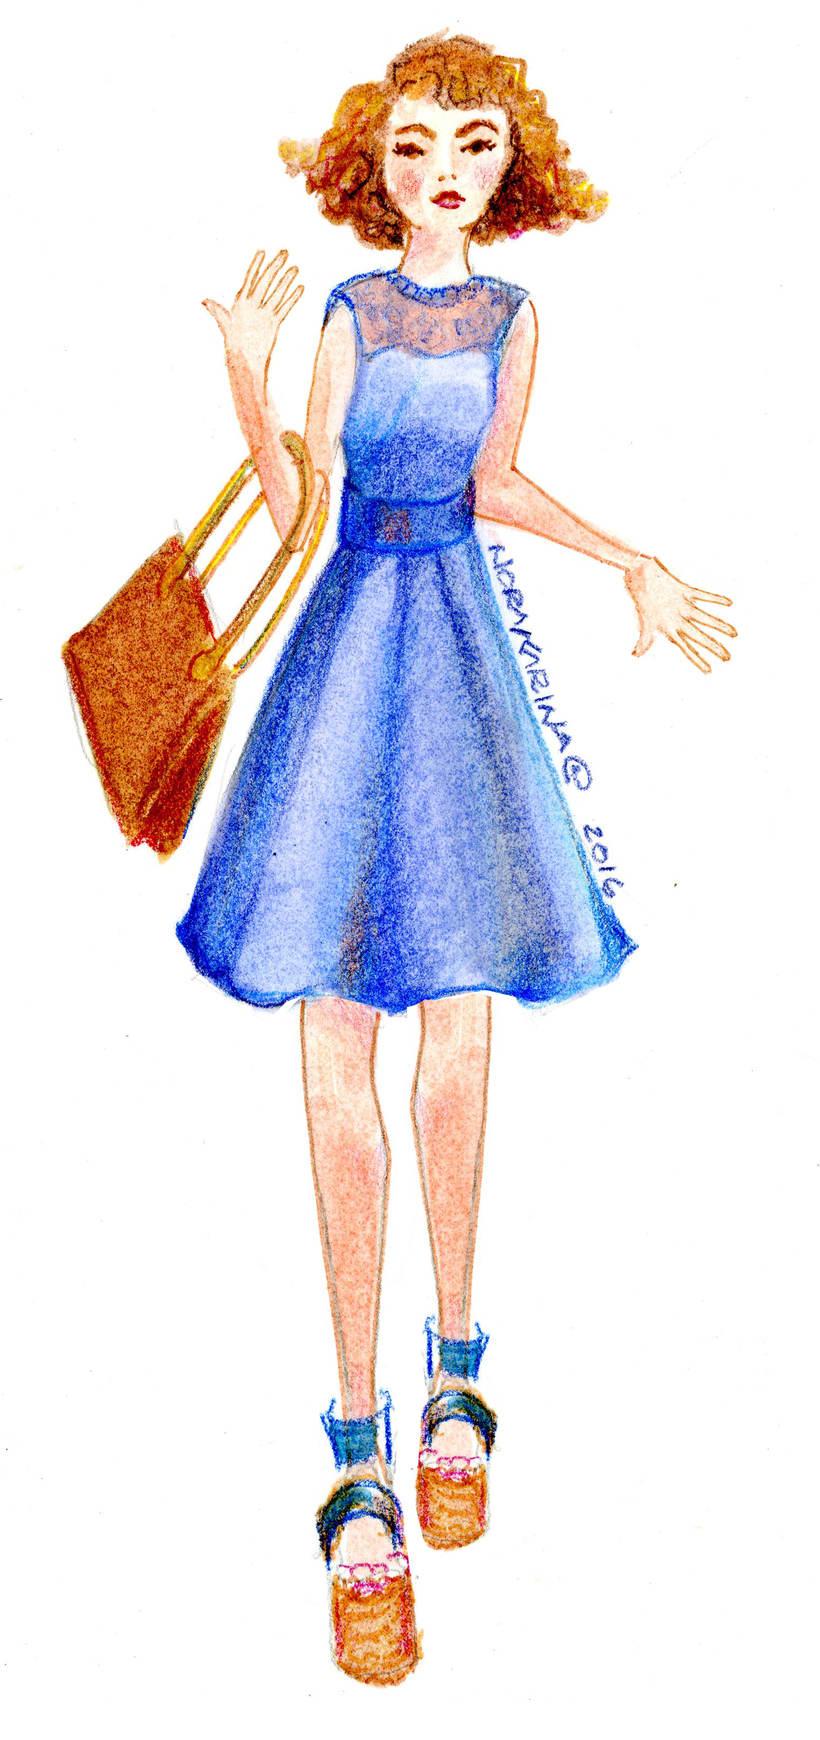 Dibujo de figurín de moda  -1